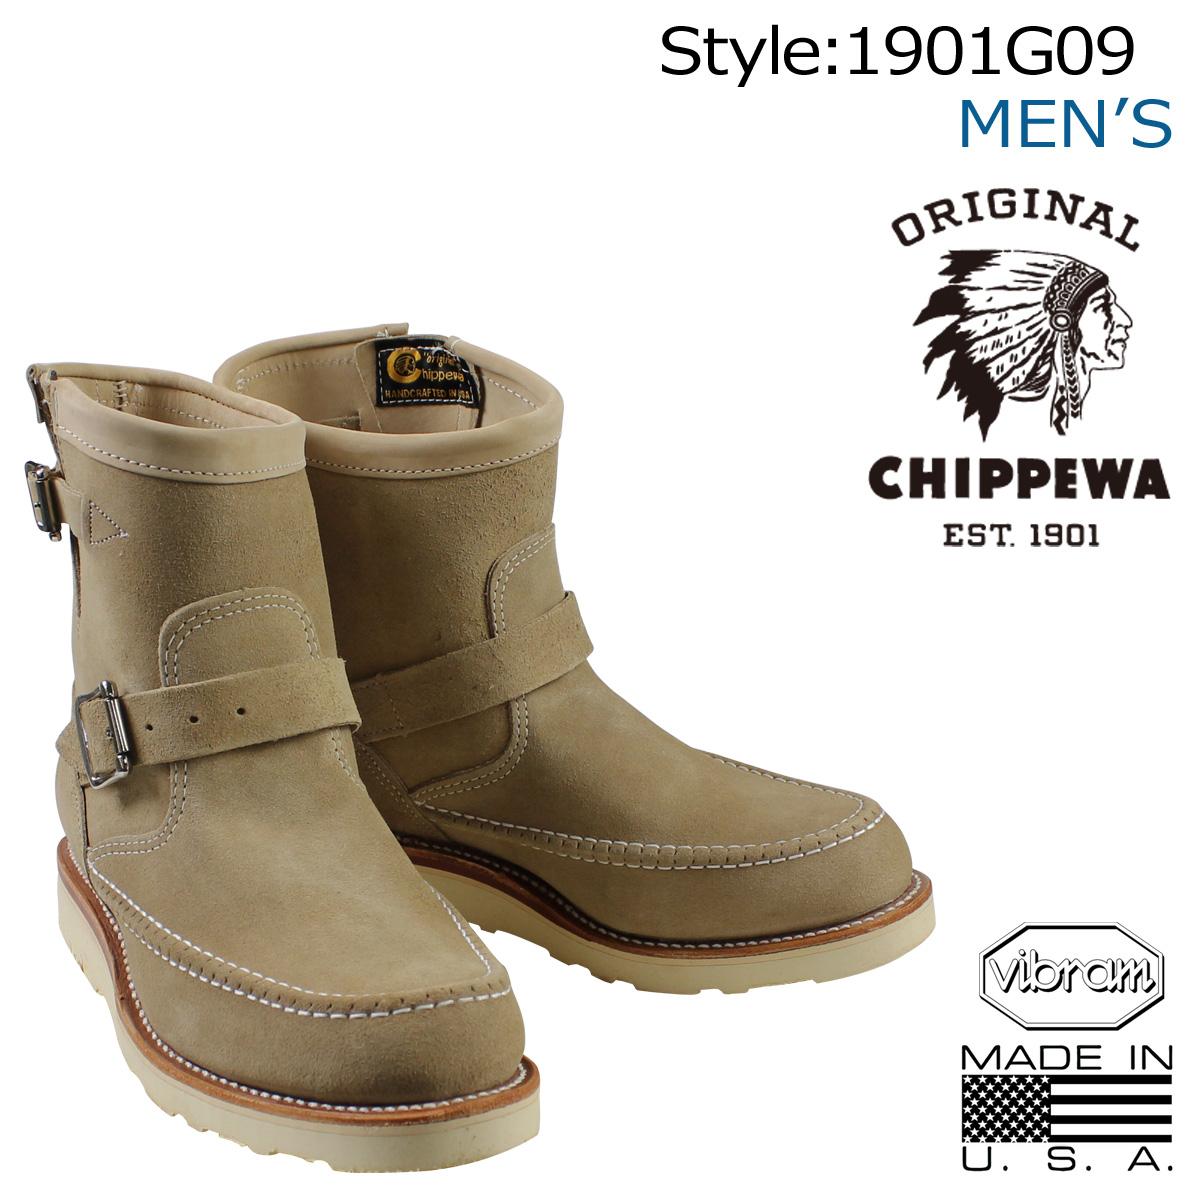 CHIPPEWA 7INCH HIGHLANDER ENGINEER チペワ ブーツ 7インチ ハイランダー エンジニア 1901G09 Eワイズ サンド メンズ